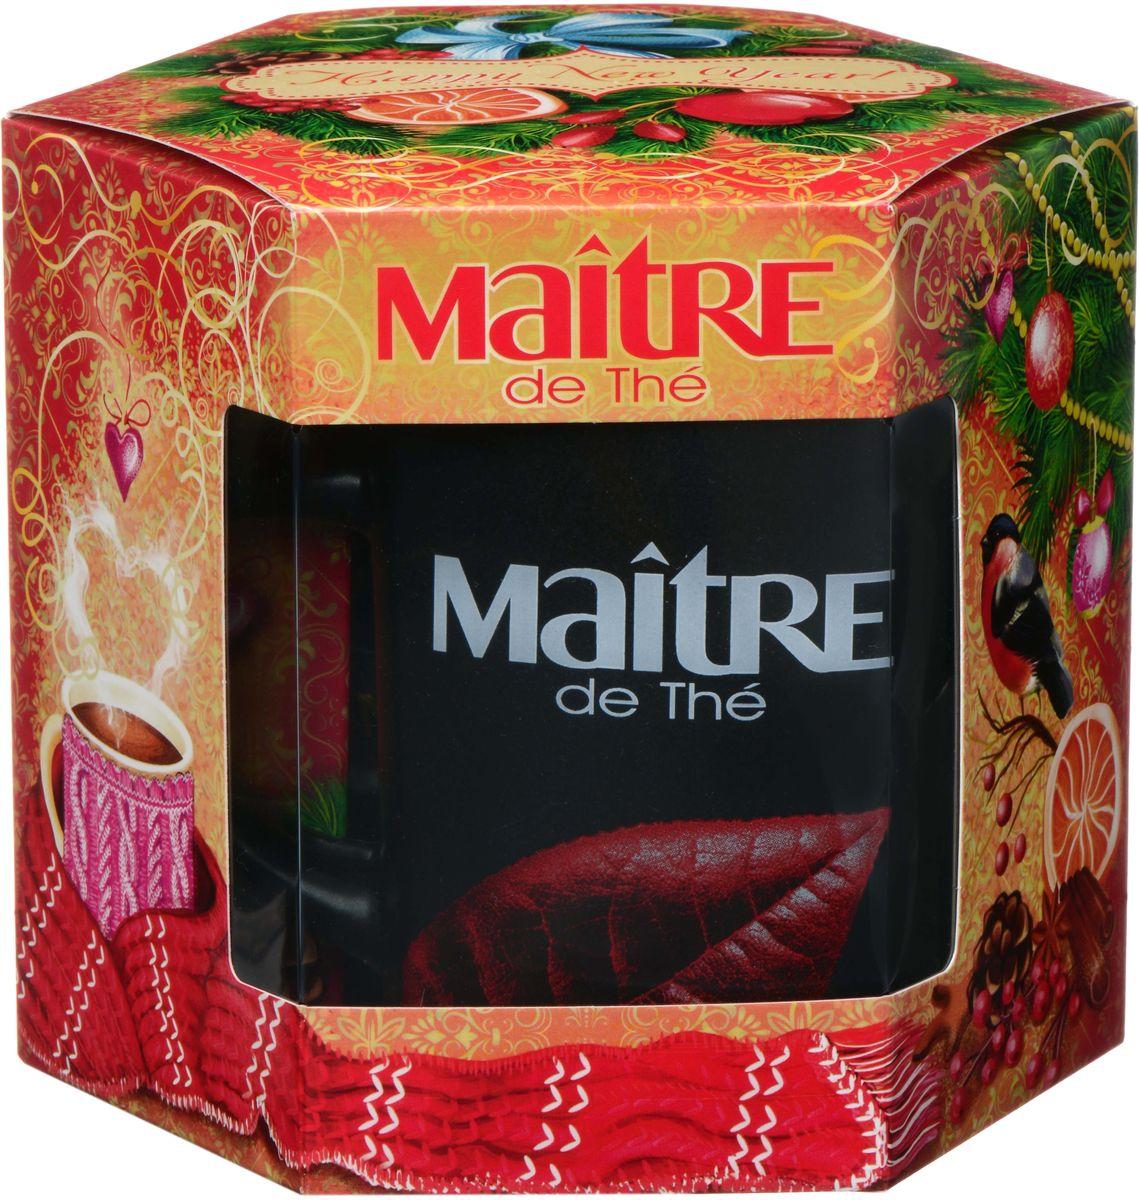 Maitre подарочный набор зимнее чаепитие, 90 г amore de bohema для самой дорогой подарочный набор листового чая 400 г